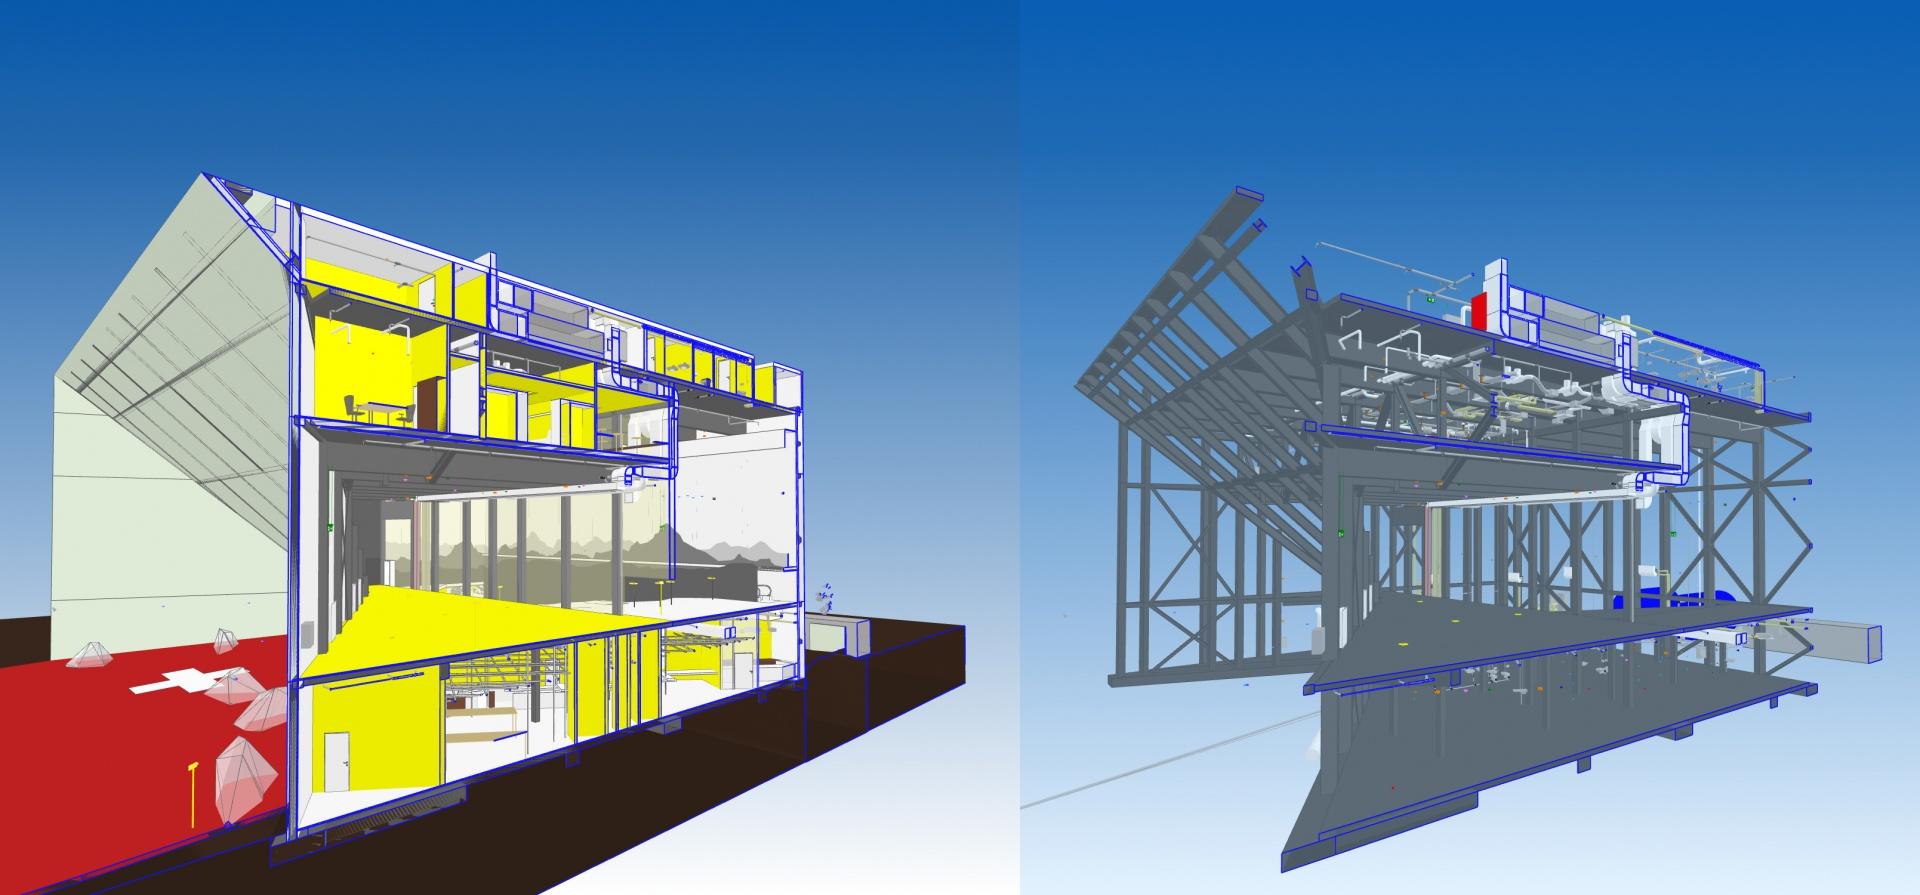 Koordinationsmodell Schnittmodell gesamt / Tragwerk und Haustechnik © OOS AG